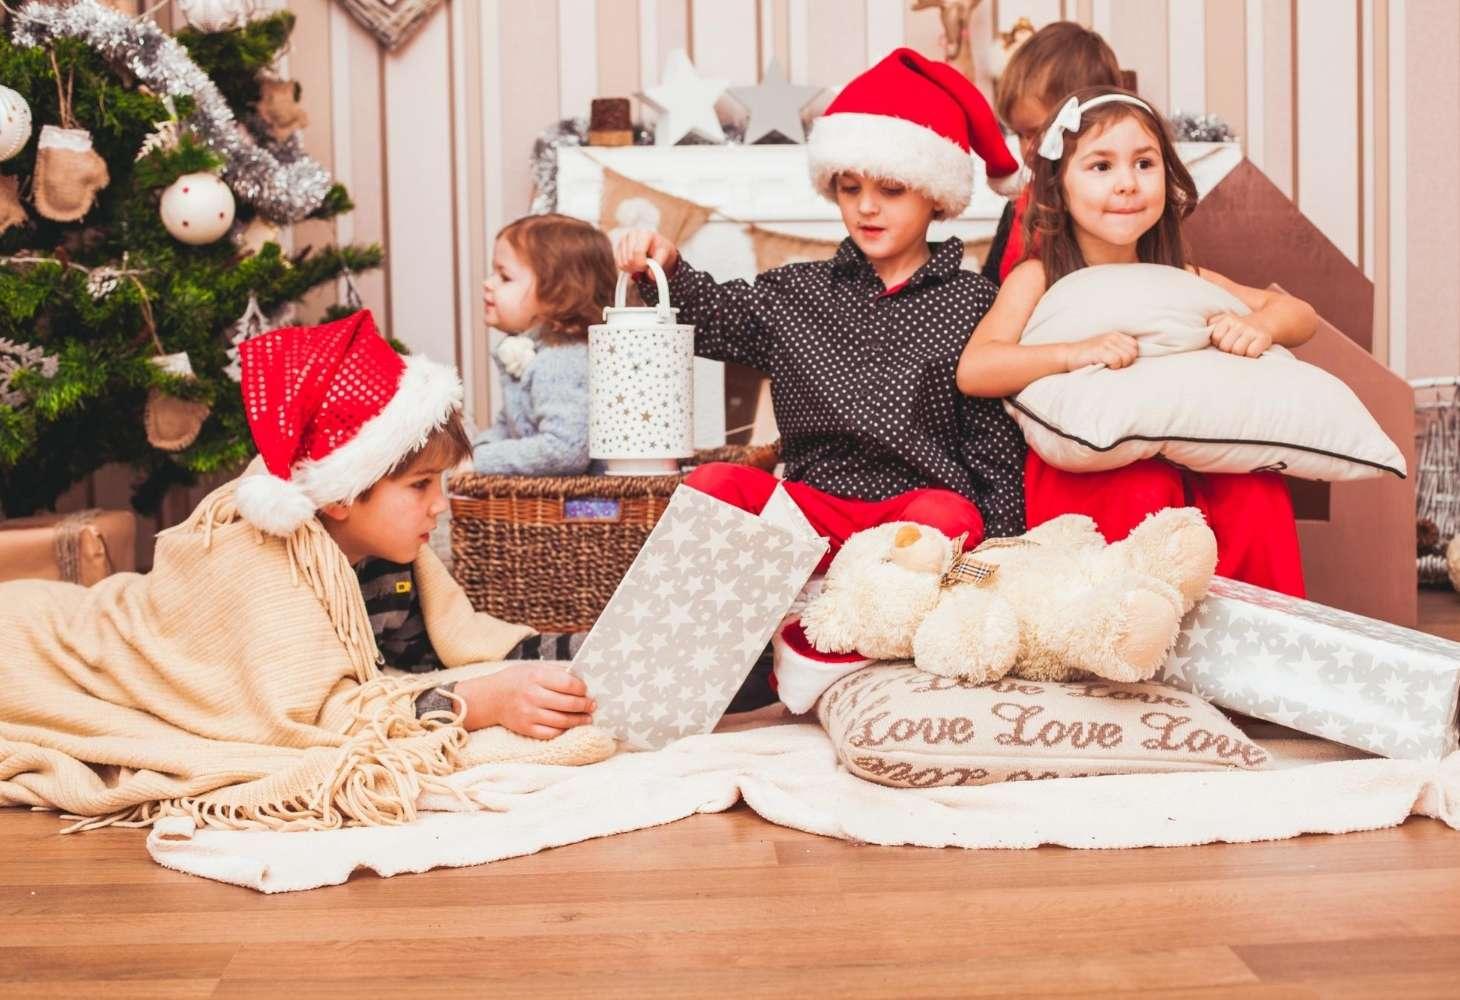 Adventskalender kopen voor kinderen